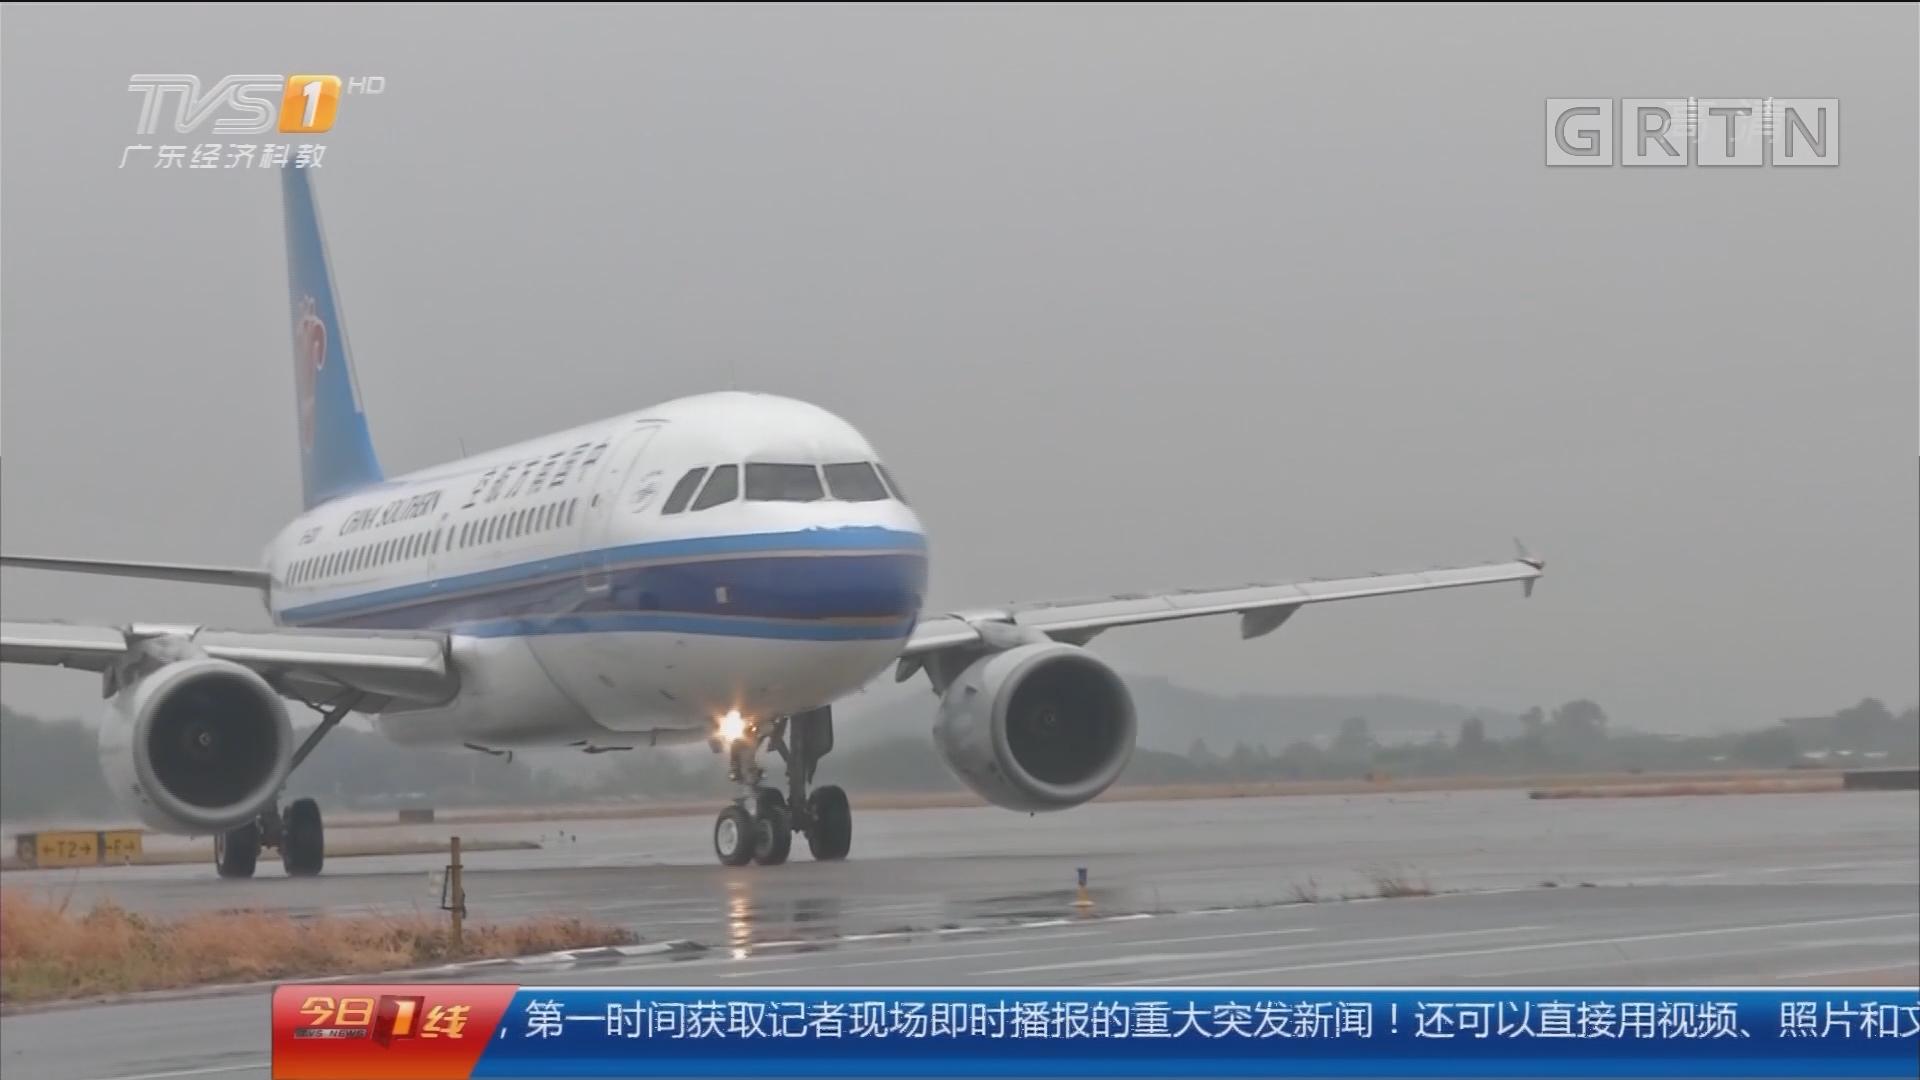 空中险情:外籍男子机上闹事 被拘五天